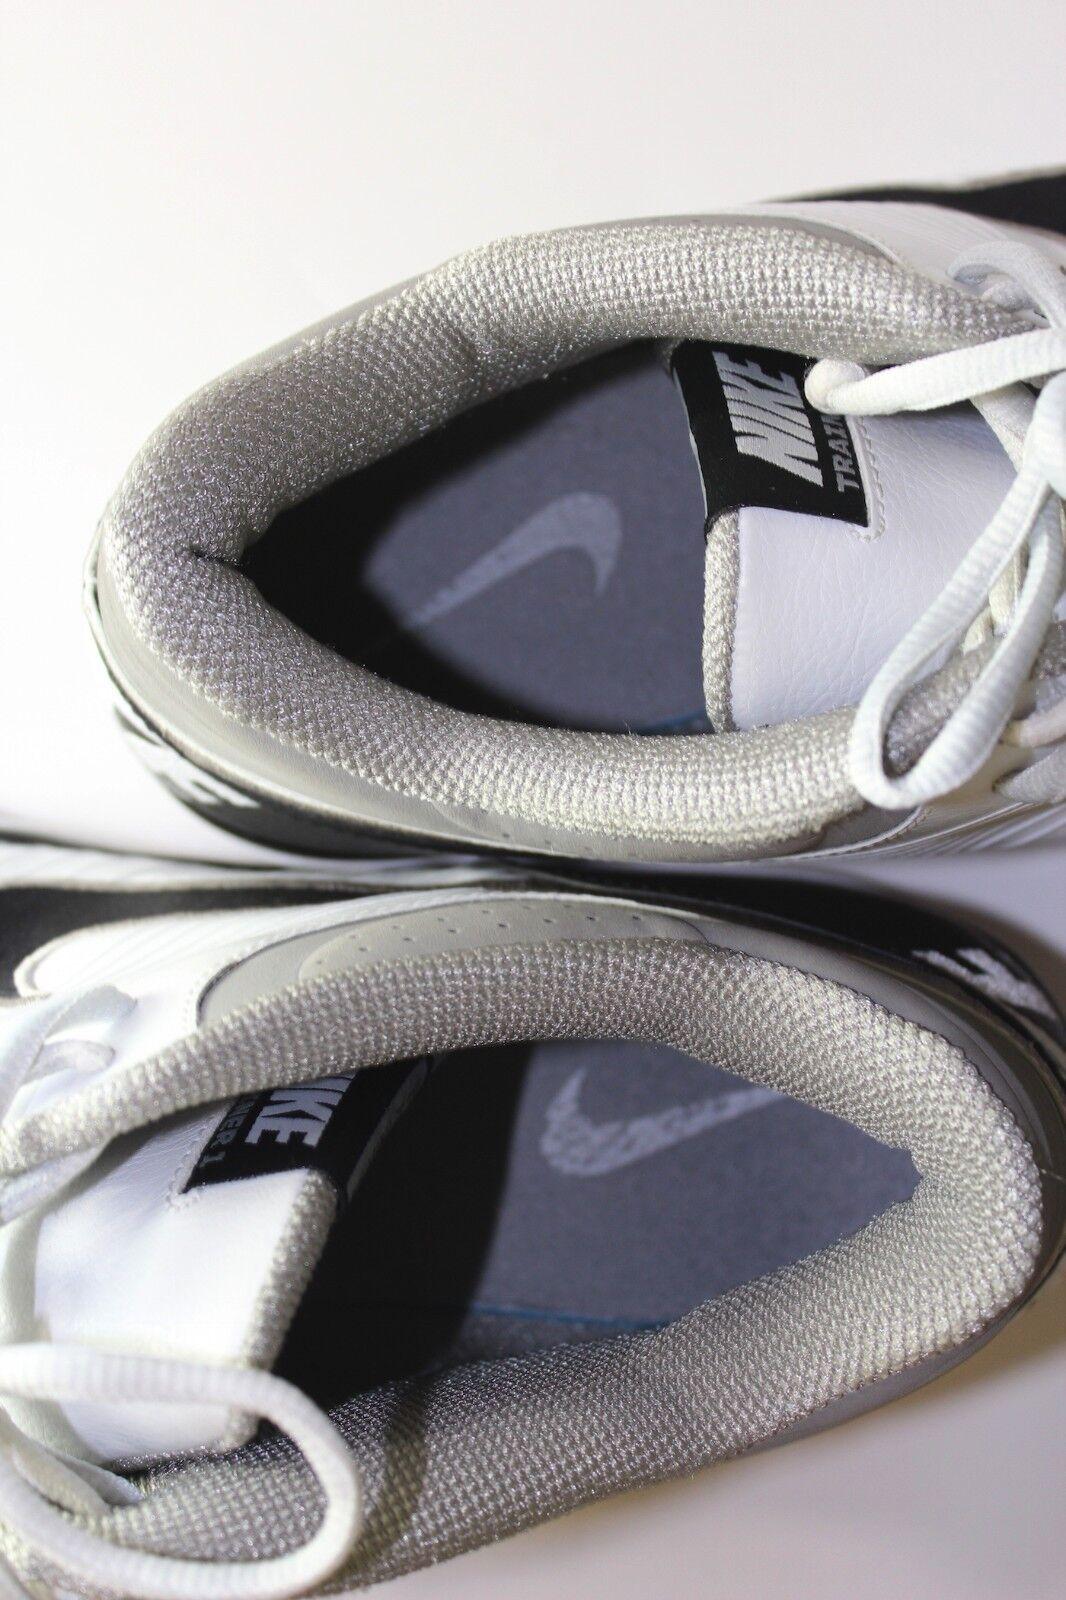 Nike trainer 1 14 2009 männer größe 14 1 grau weiße schwarze schuhe 52969b